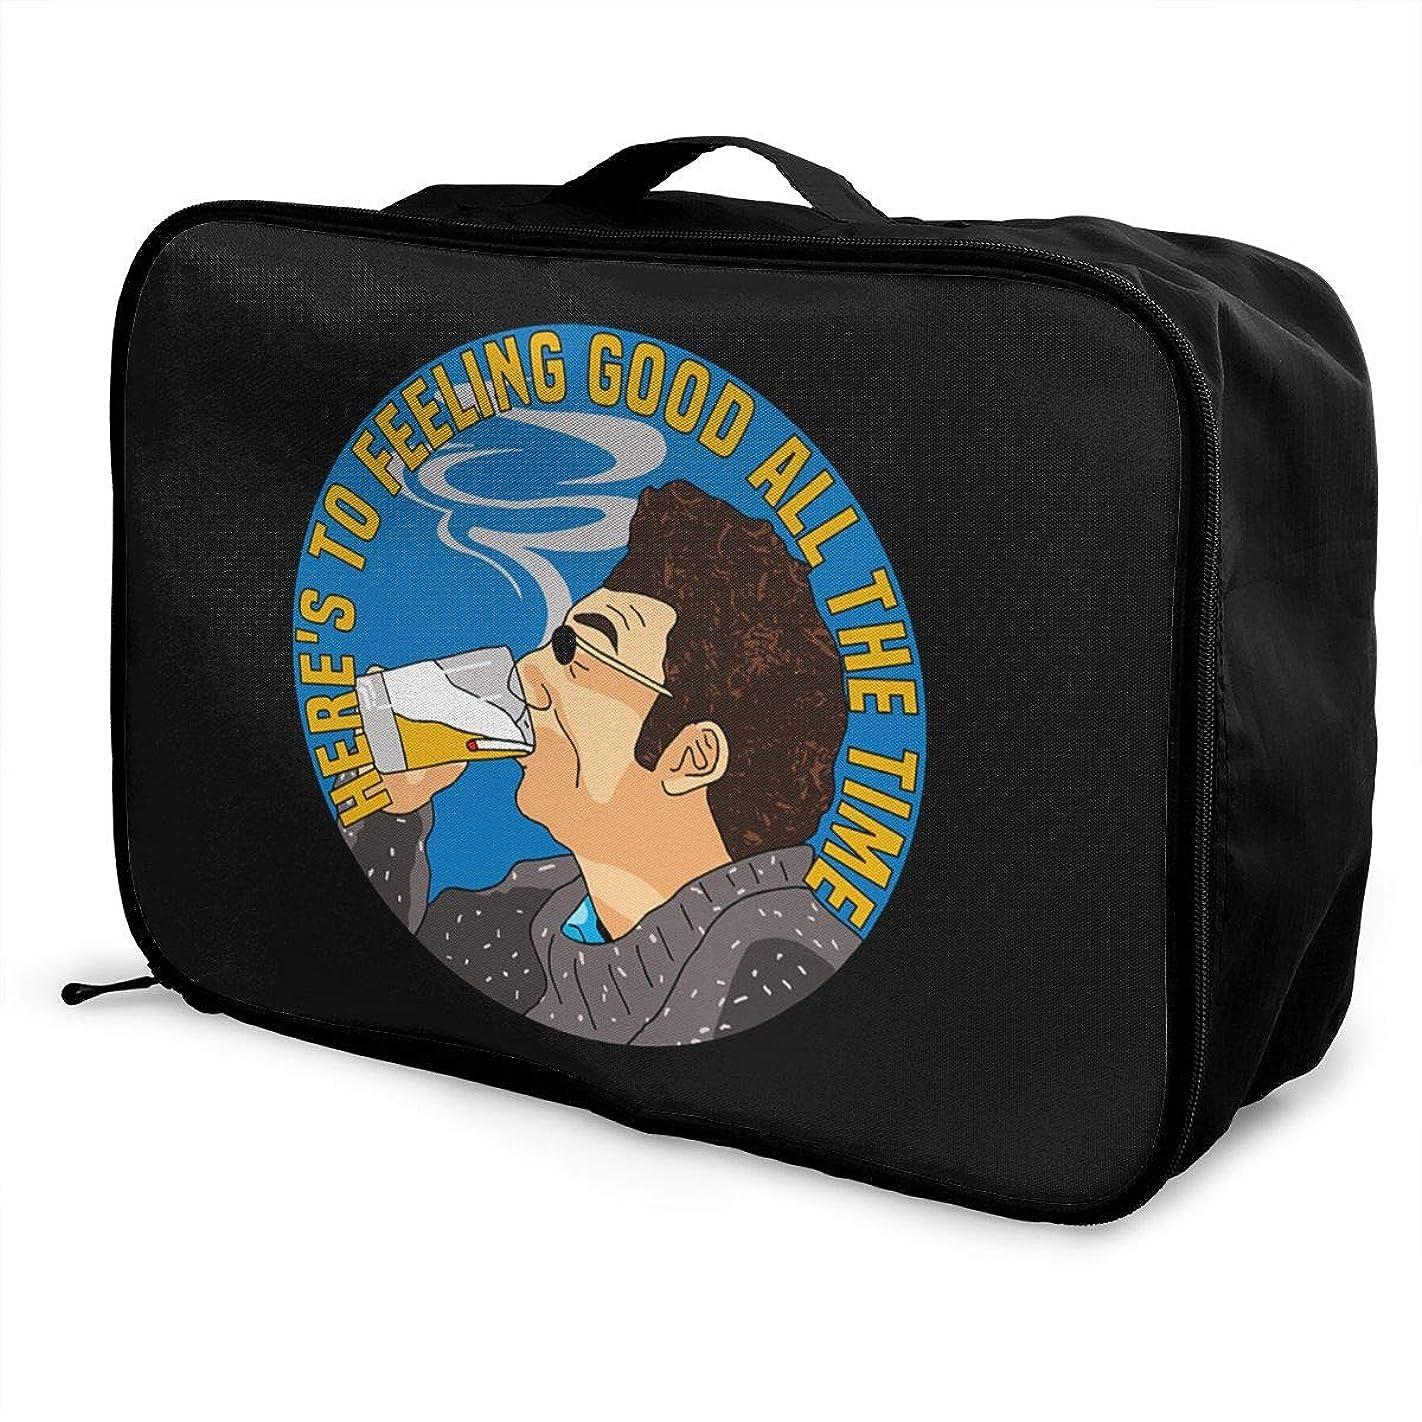 花婿読み書きのできない宇宙飛行士折りたたみ旅行バッグ キャリーオンバッグ ボストンバッグ 軽量 大容量 トラベルバッグ 収納バッグ 折りたたみ 旅行 収納ポーチ 機内持込可 スーツケース固定可 サインフェルド 男女兼用